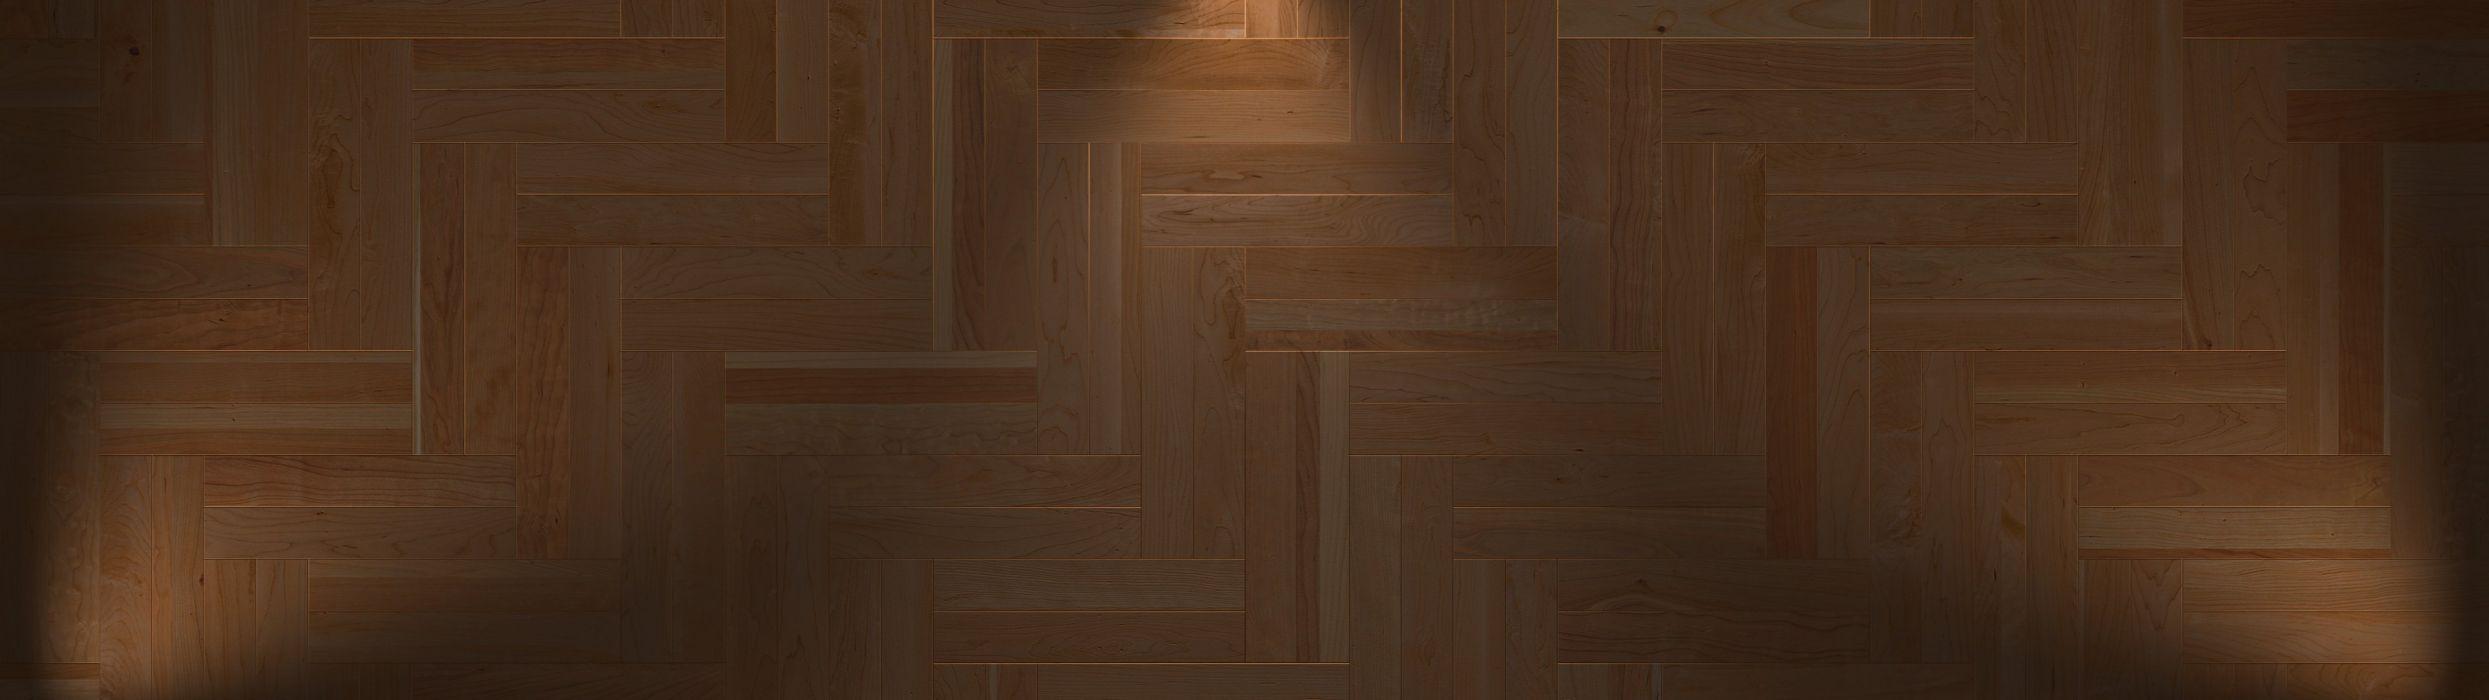 floor wood textures planks wallpaper